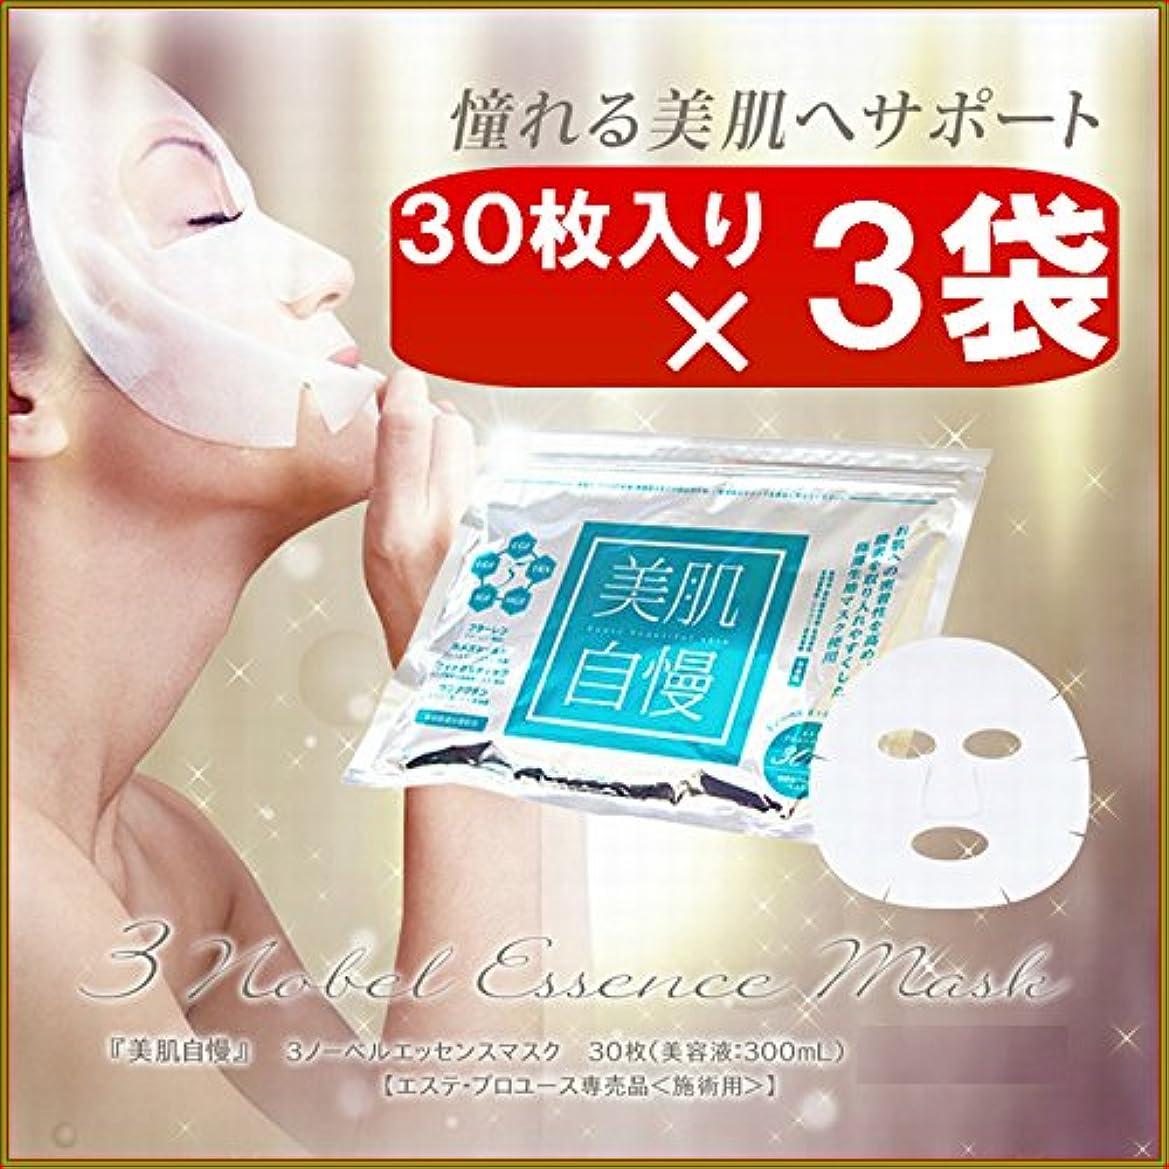 ウナギ財布器用美肌自慢フェイスマスク 30枚入り ×お得3袋セット 《エッセンスマスク、EGF、IGF、ヒアルロン酸、プラセンタ、アルブチン、カタツムリエキス、しみ、しわ》